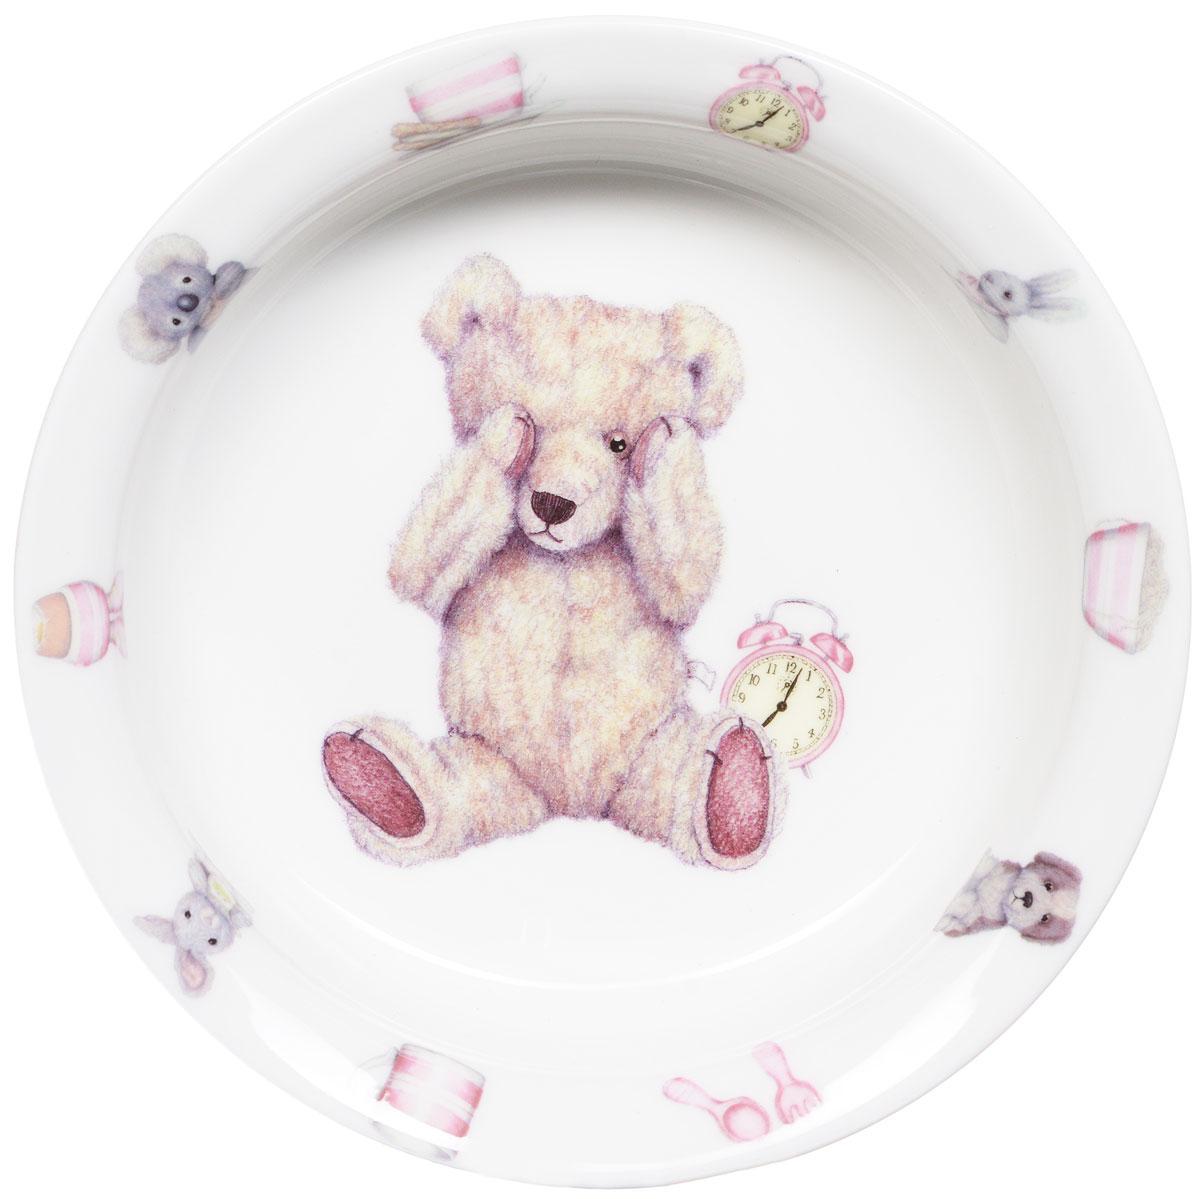 Roy Kirkham Миска Тедди тайм 15,5 см цвет розовыйXTEDPIN1391Фарфоровая миска Тедди тайм превратит процесс кормления вашего малыша в веселую игру. Очаровательный образ медвежонка Тедди - воплощение английской классики. В коллекции детской посуды и подарочных аксессуаров Тедди тайм английской компании Roy Kirkham, всемирно признанного бренда с более чем 40-летней историей, все предметы изготовлены из тонкостенного костяного фарфора - керамического материала высшего качества, отличающегося необыкновенной прочностью и небольшим весом. Ваш ребенок будет кушать с большим удовольствием, стараясь быстрее добраться до картинки с мишкой Тедди. Отвечает всем требованиям безопасности при контакте с пищей.